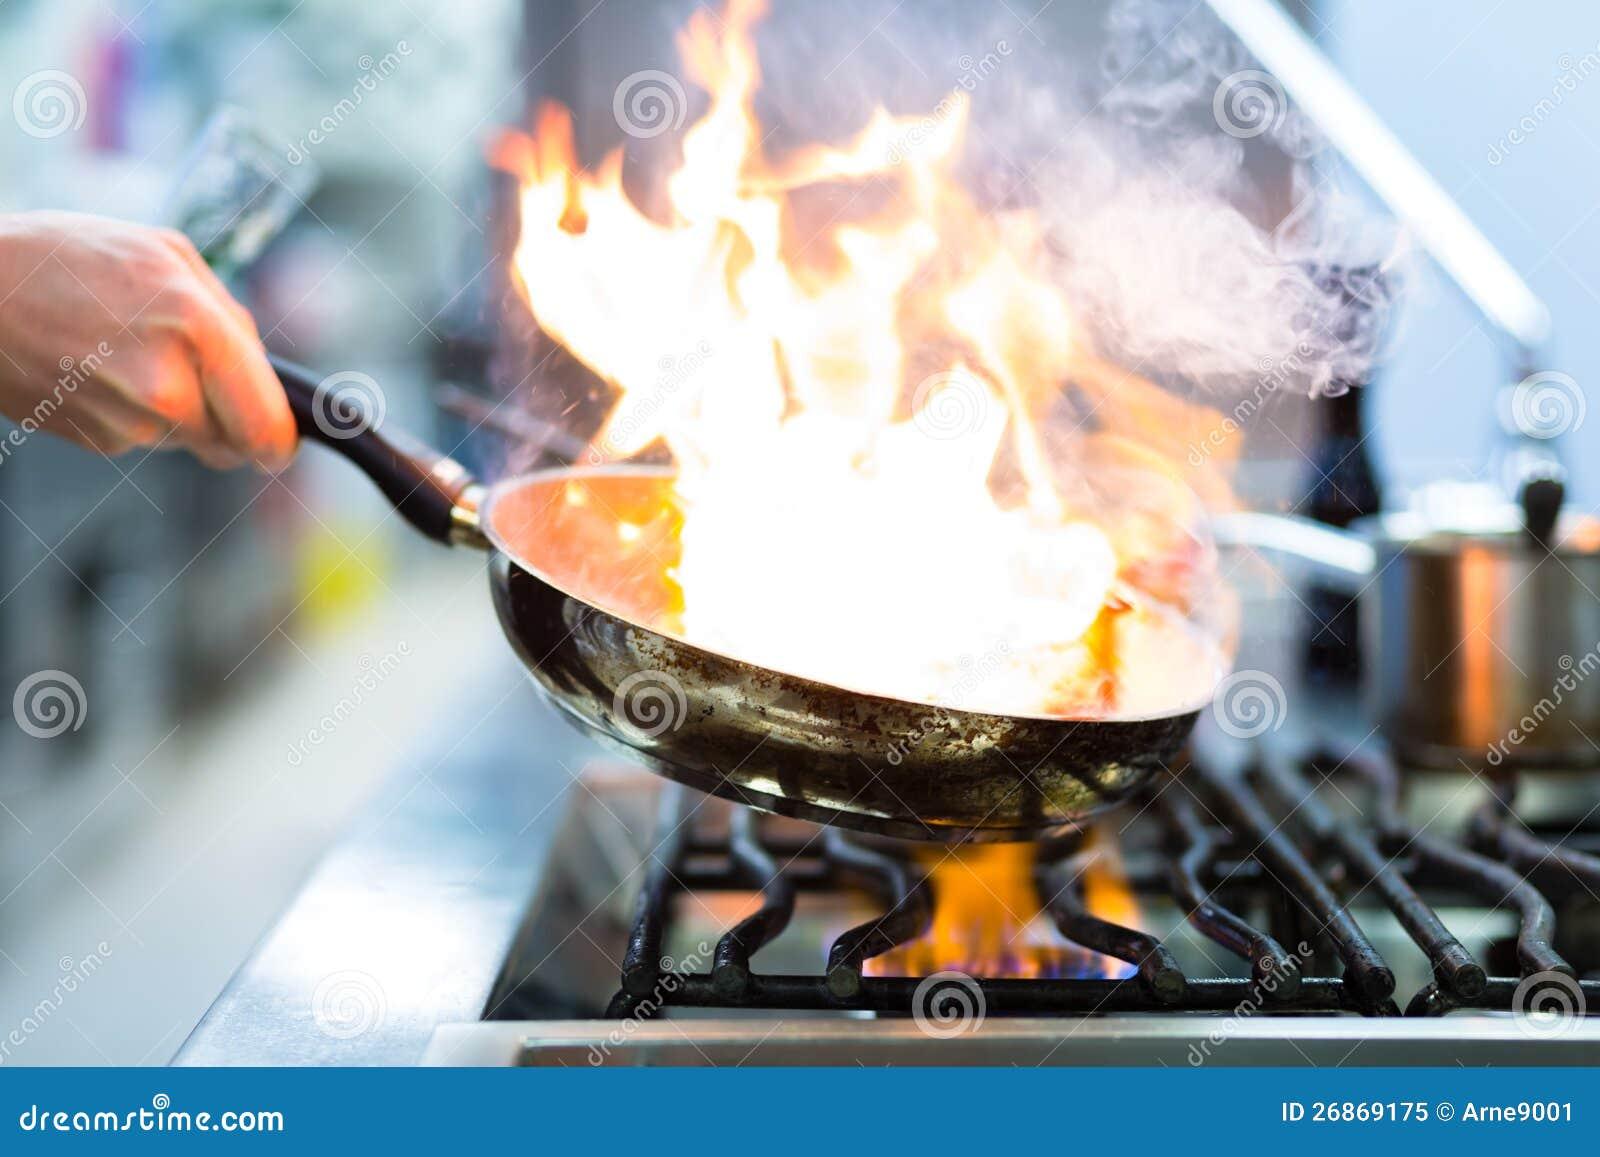 主厨在火炉的餐馆厨房里与平底锅